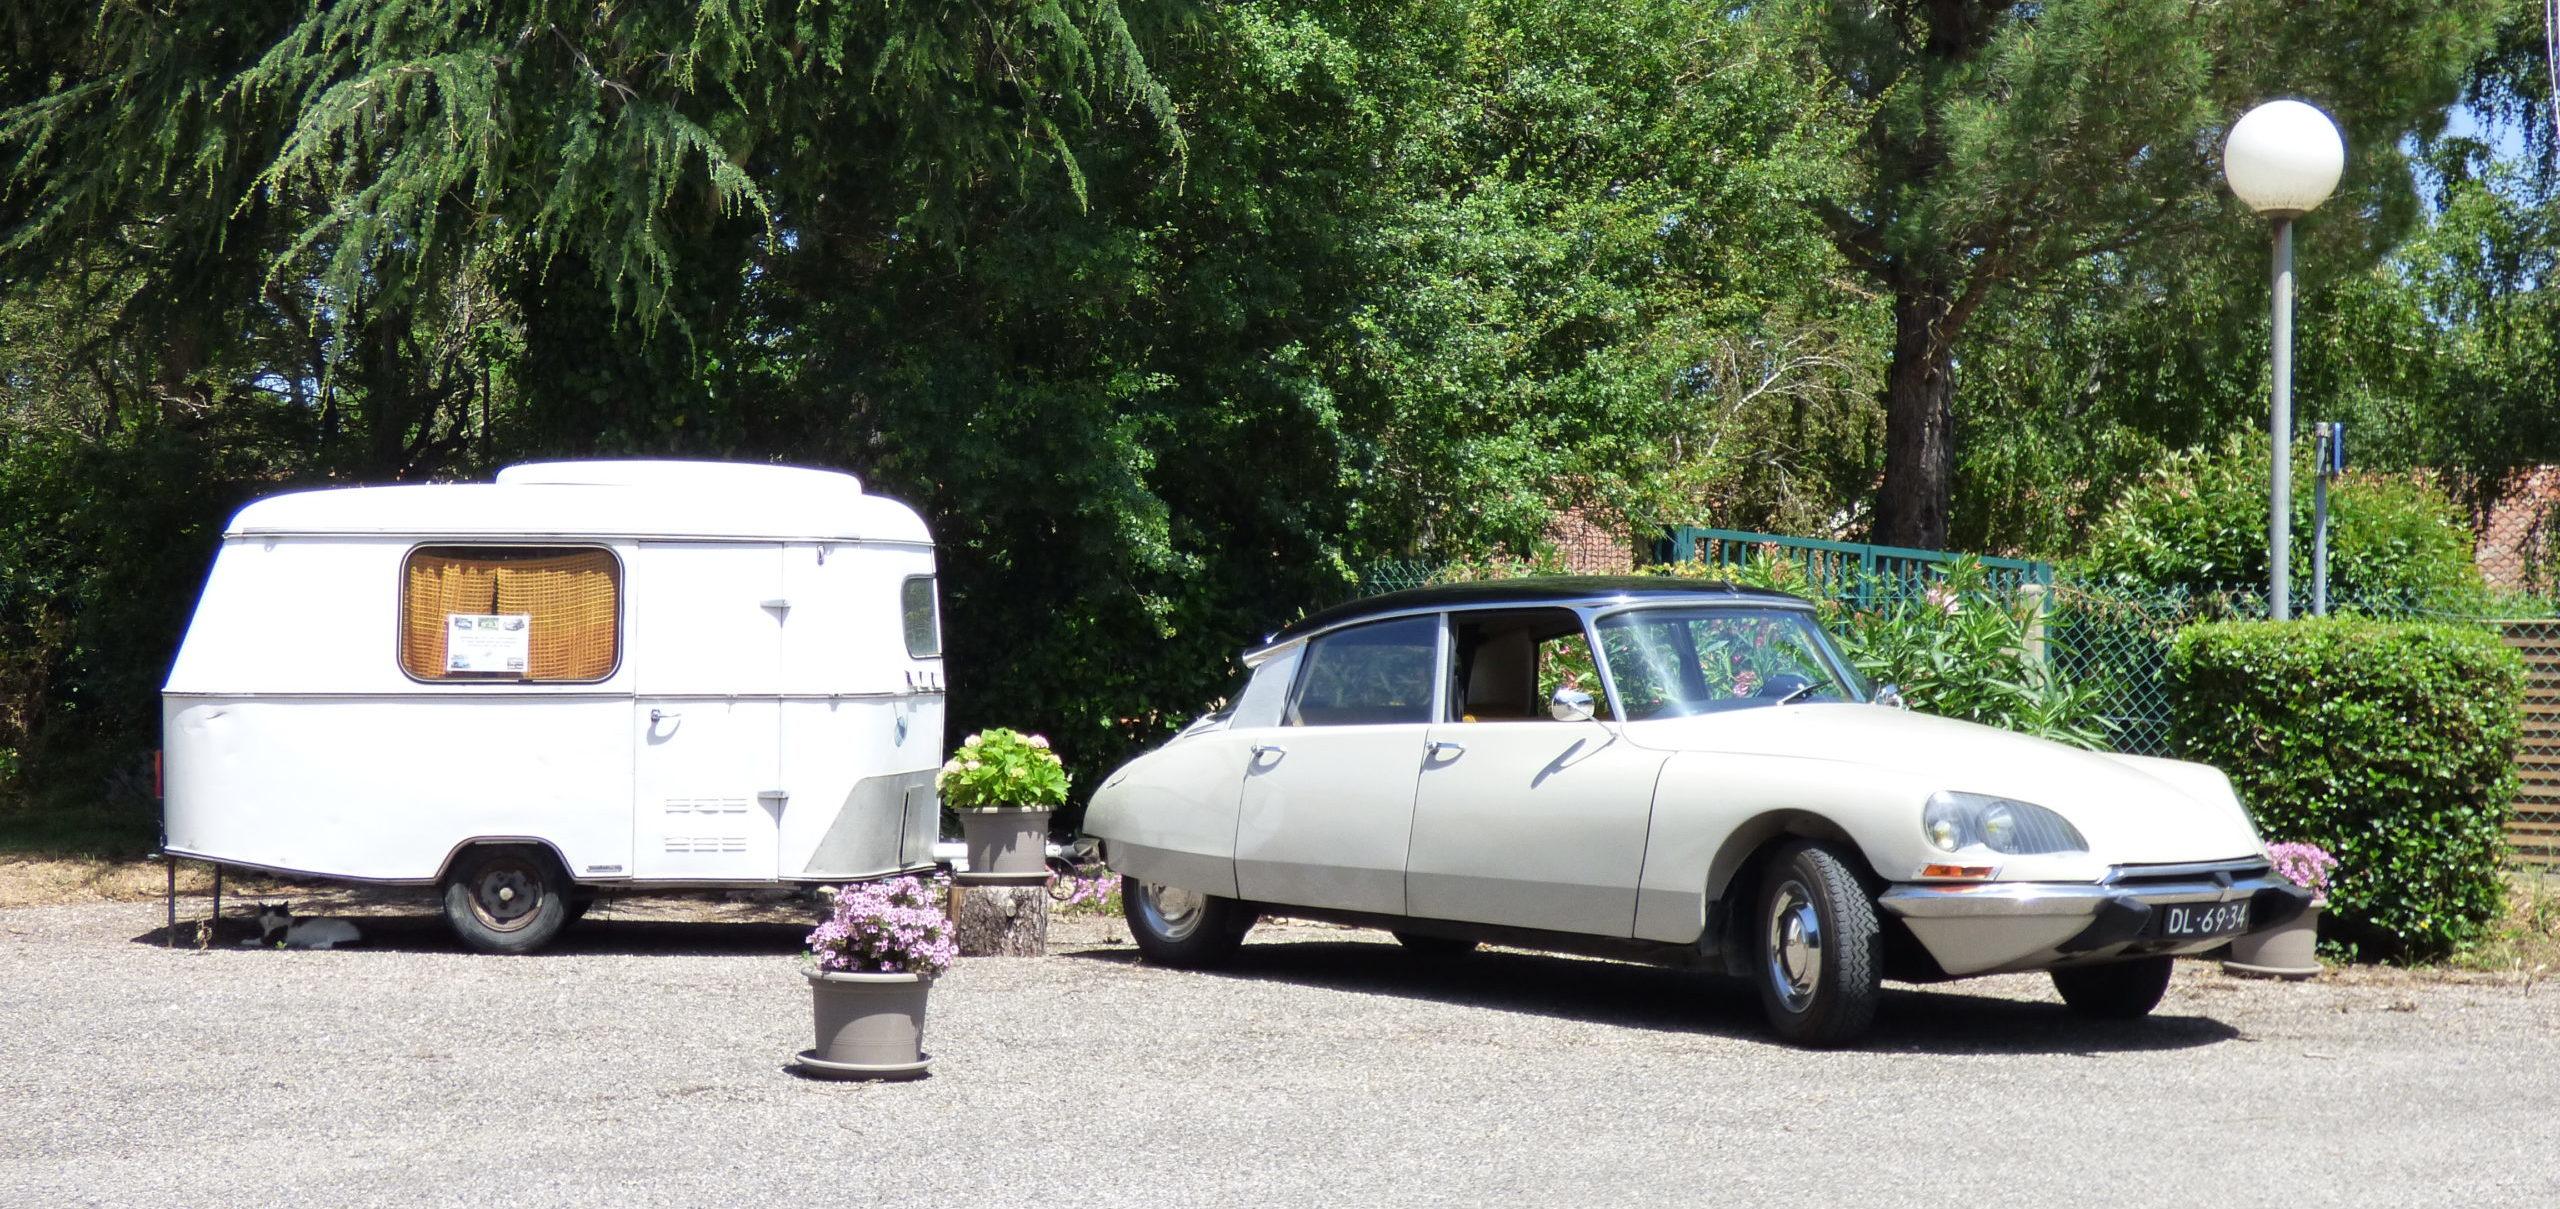 Un véhicule de collection sur son emplacement près de Carcassonne